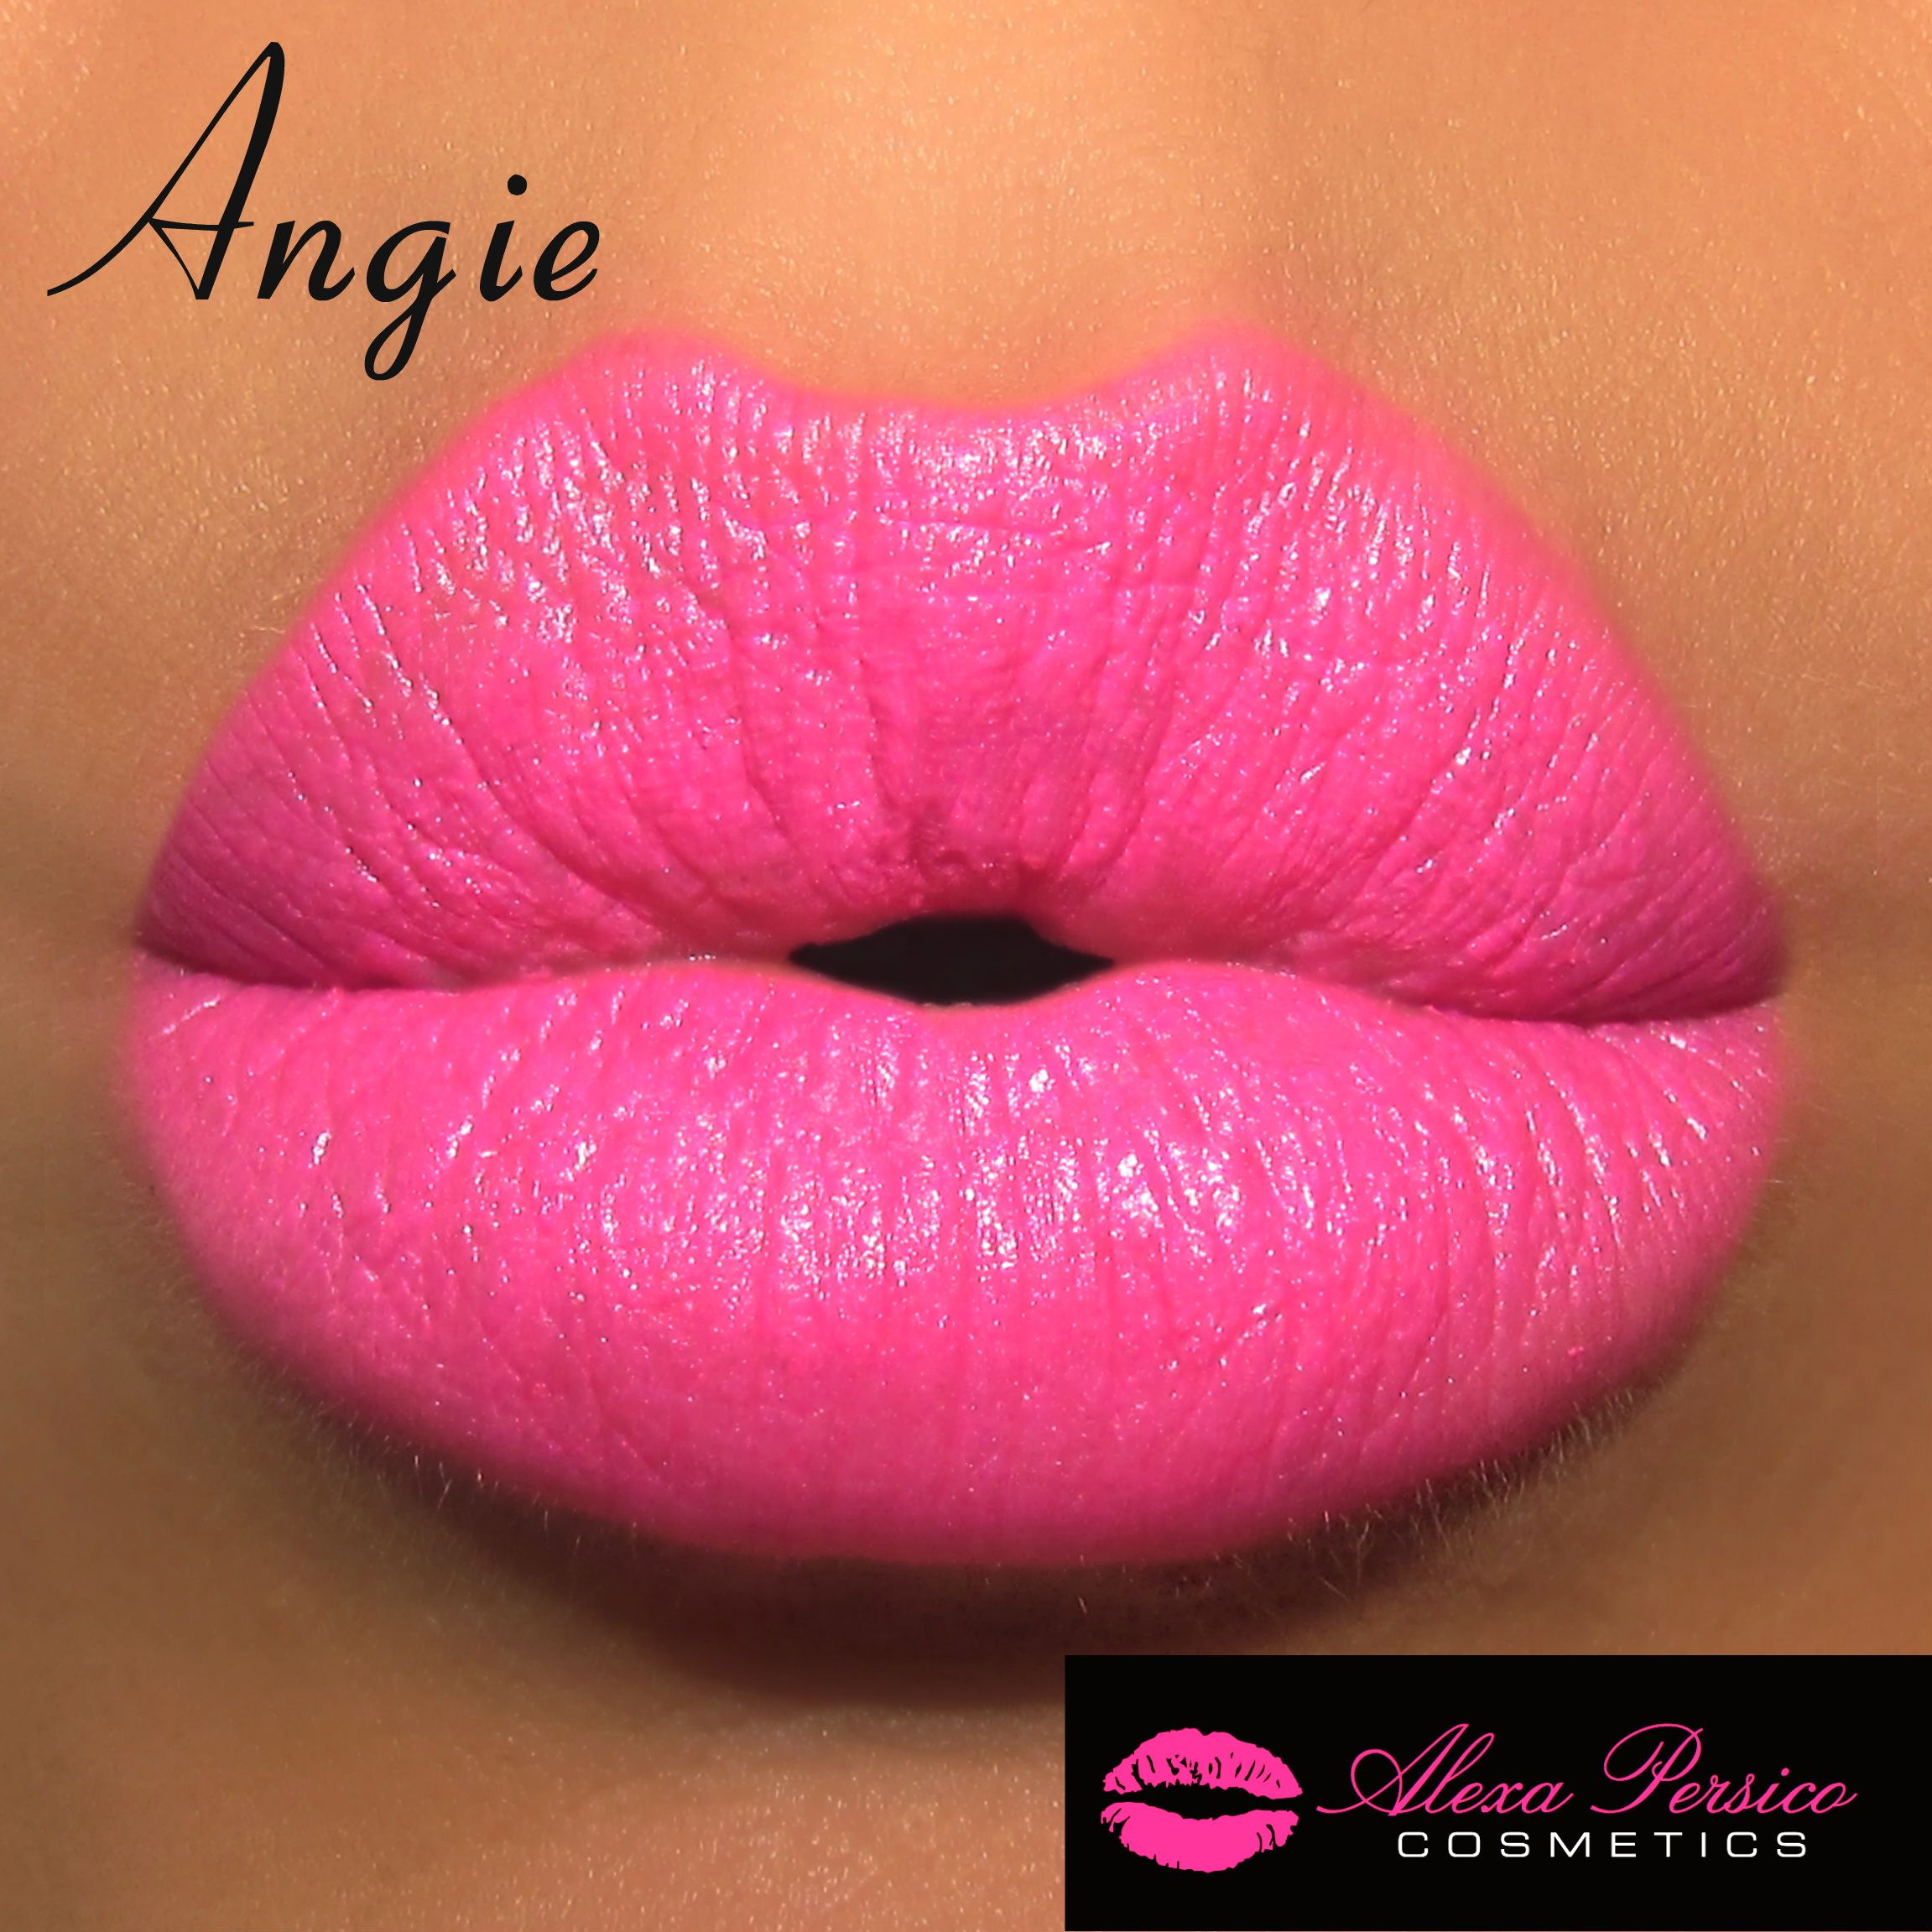 Angie Lipstick #neonpink #pink #brightpink #lipstick #popofpink #neon #alexapersico #alexapersicocosmetics #bold